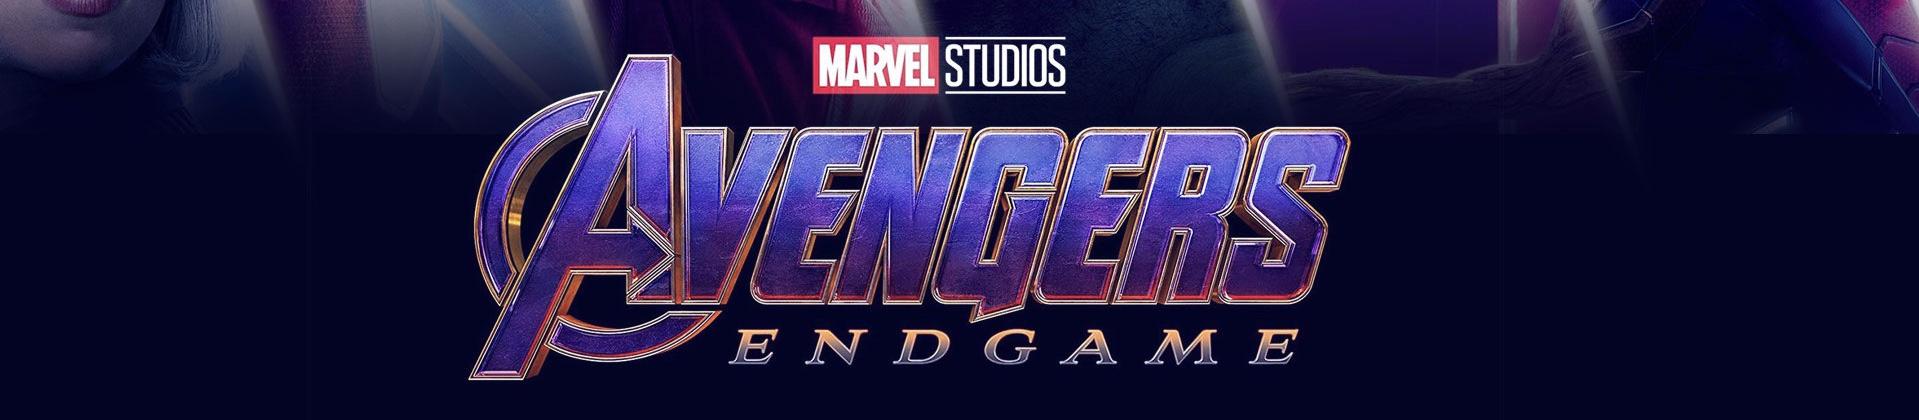 Avengers: Endgame Recension GGGGG